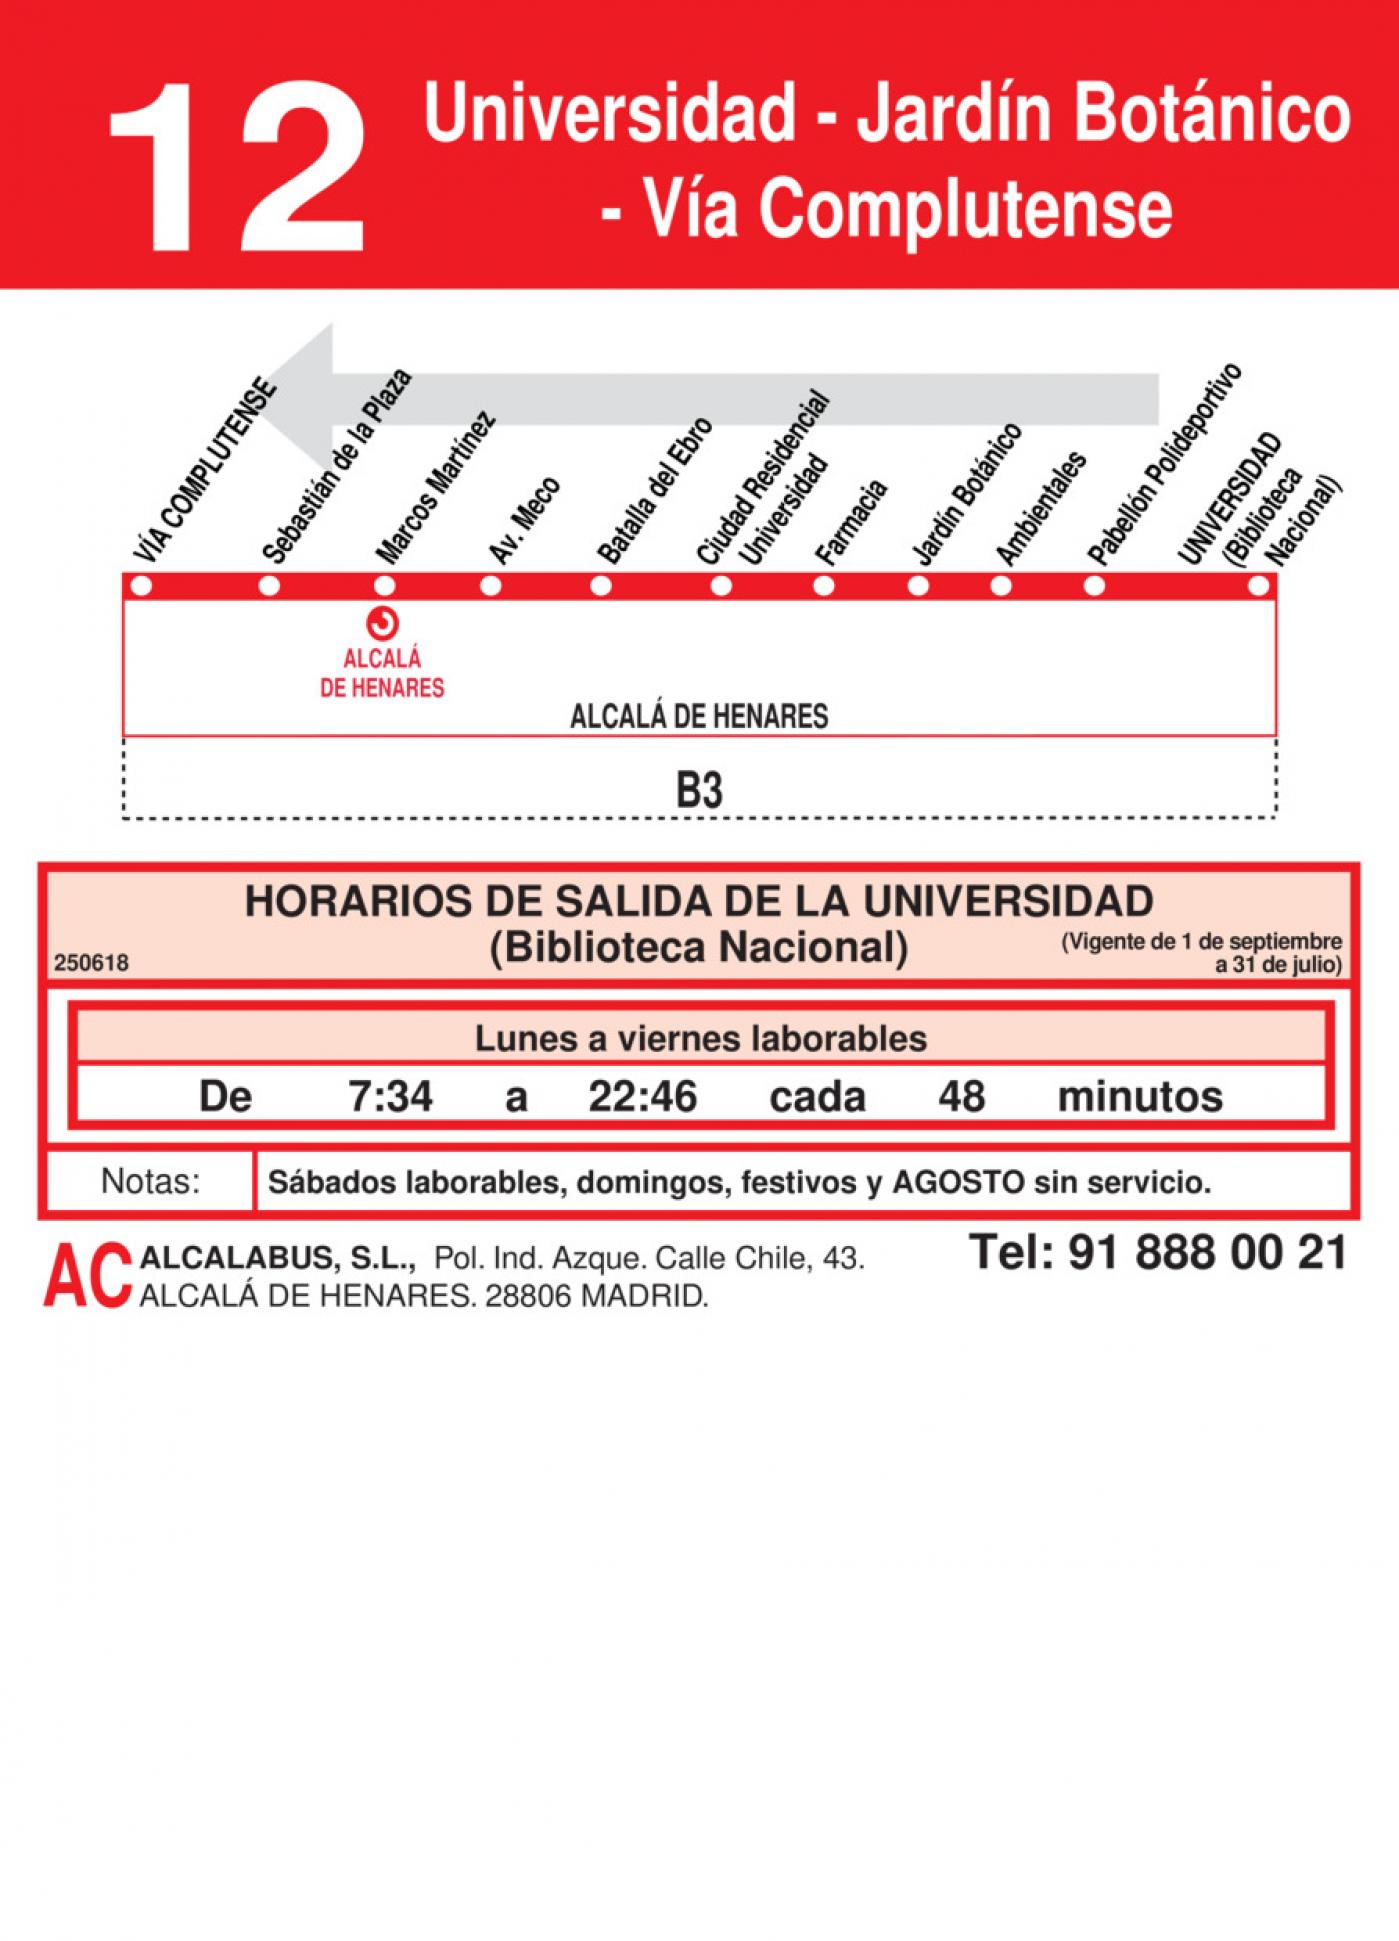 Tabla de horarios y frecuencias de paso en sentido vuelta Línea L-12 Alcalá de Henares: Plaza Cervantes - Jardín Botánico - Universidad